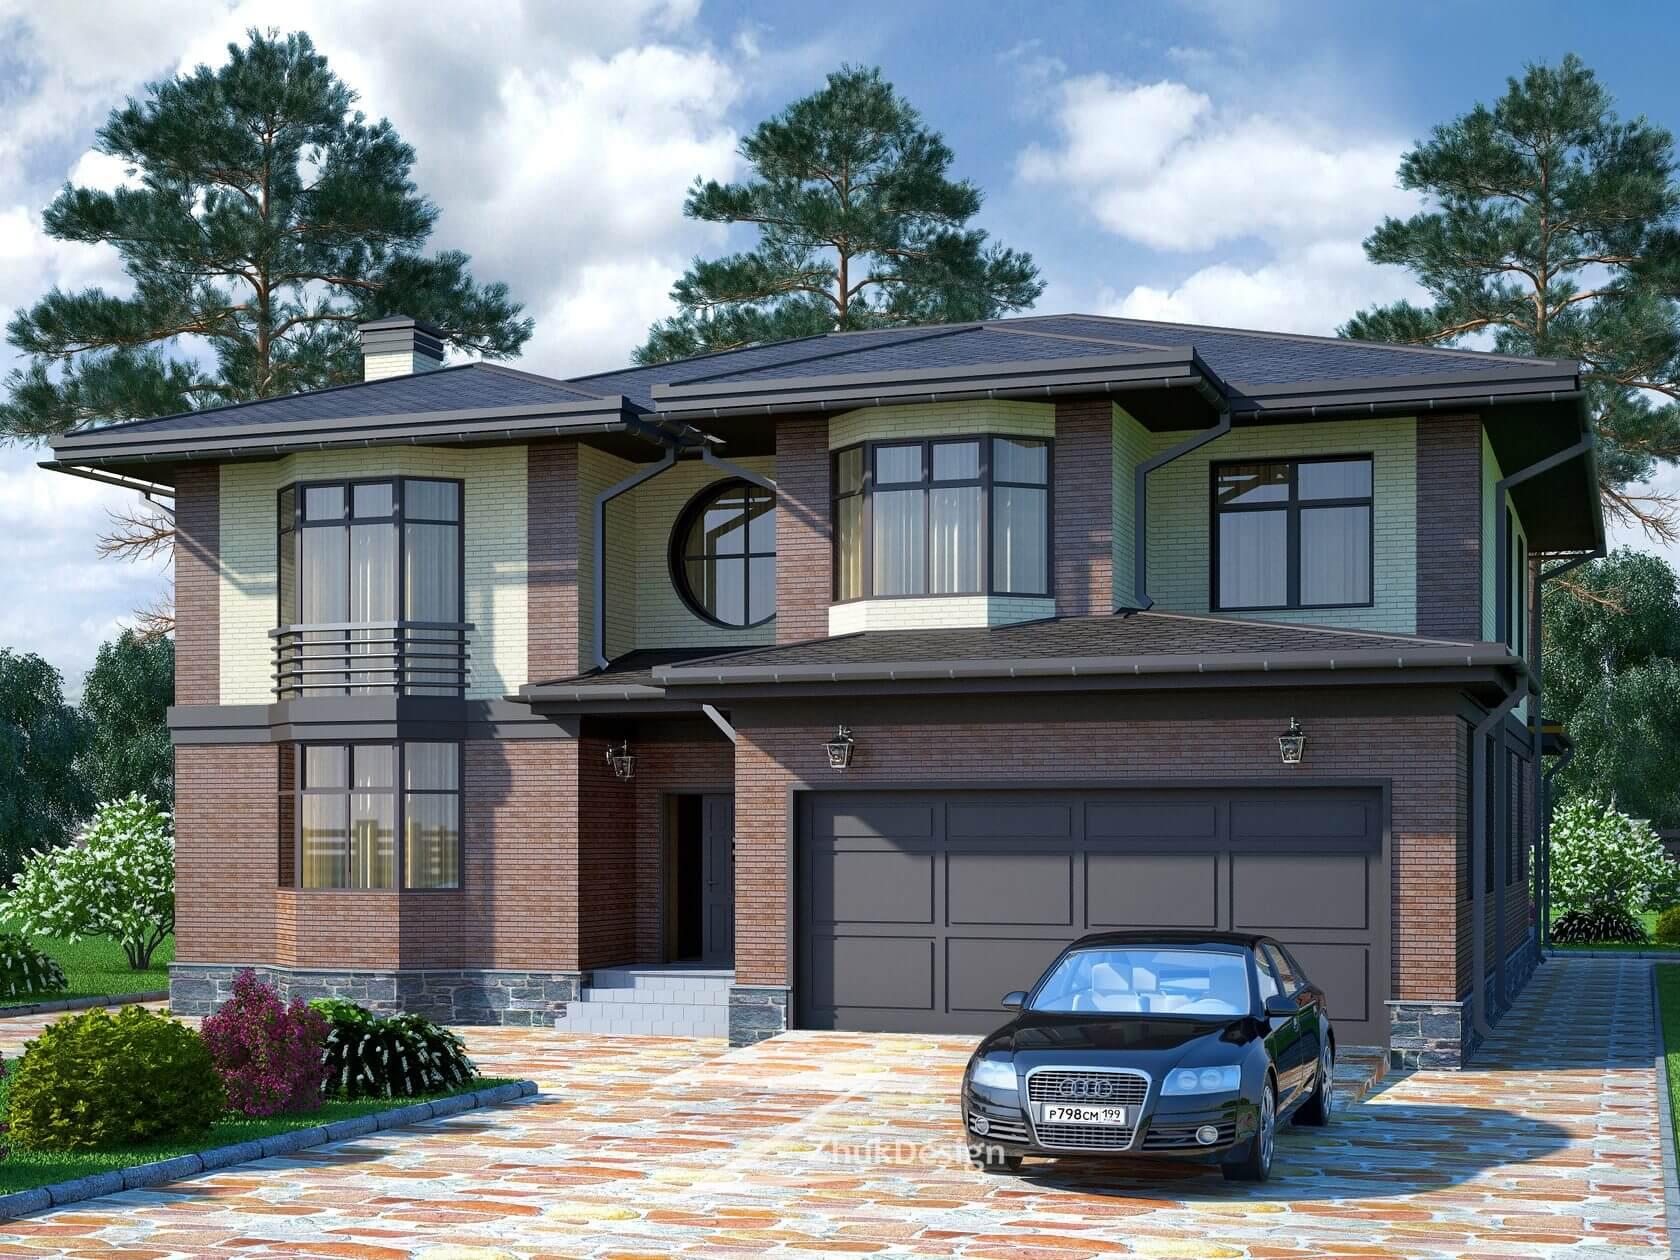 настоящее проекты красивых двухэтажных домов с гаражом фото обыкновенная многолетняя